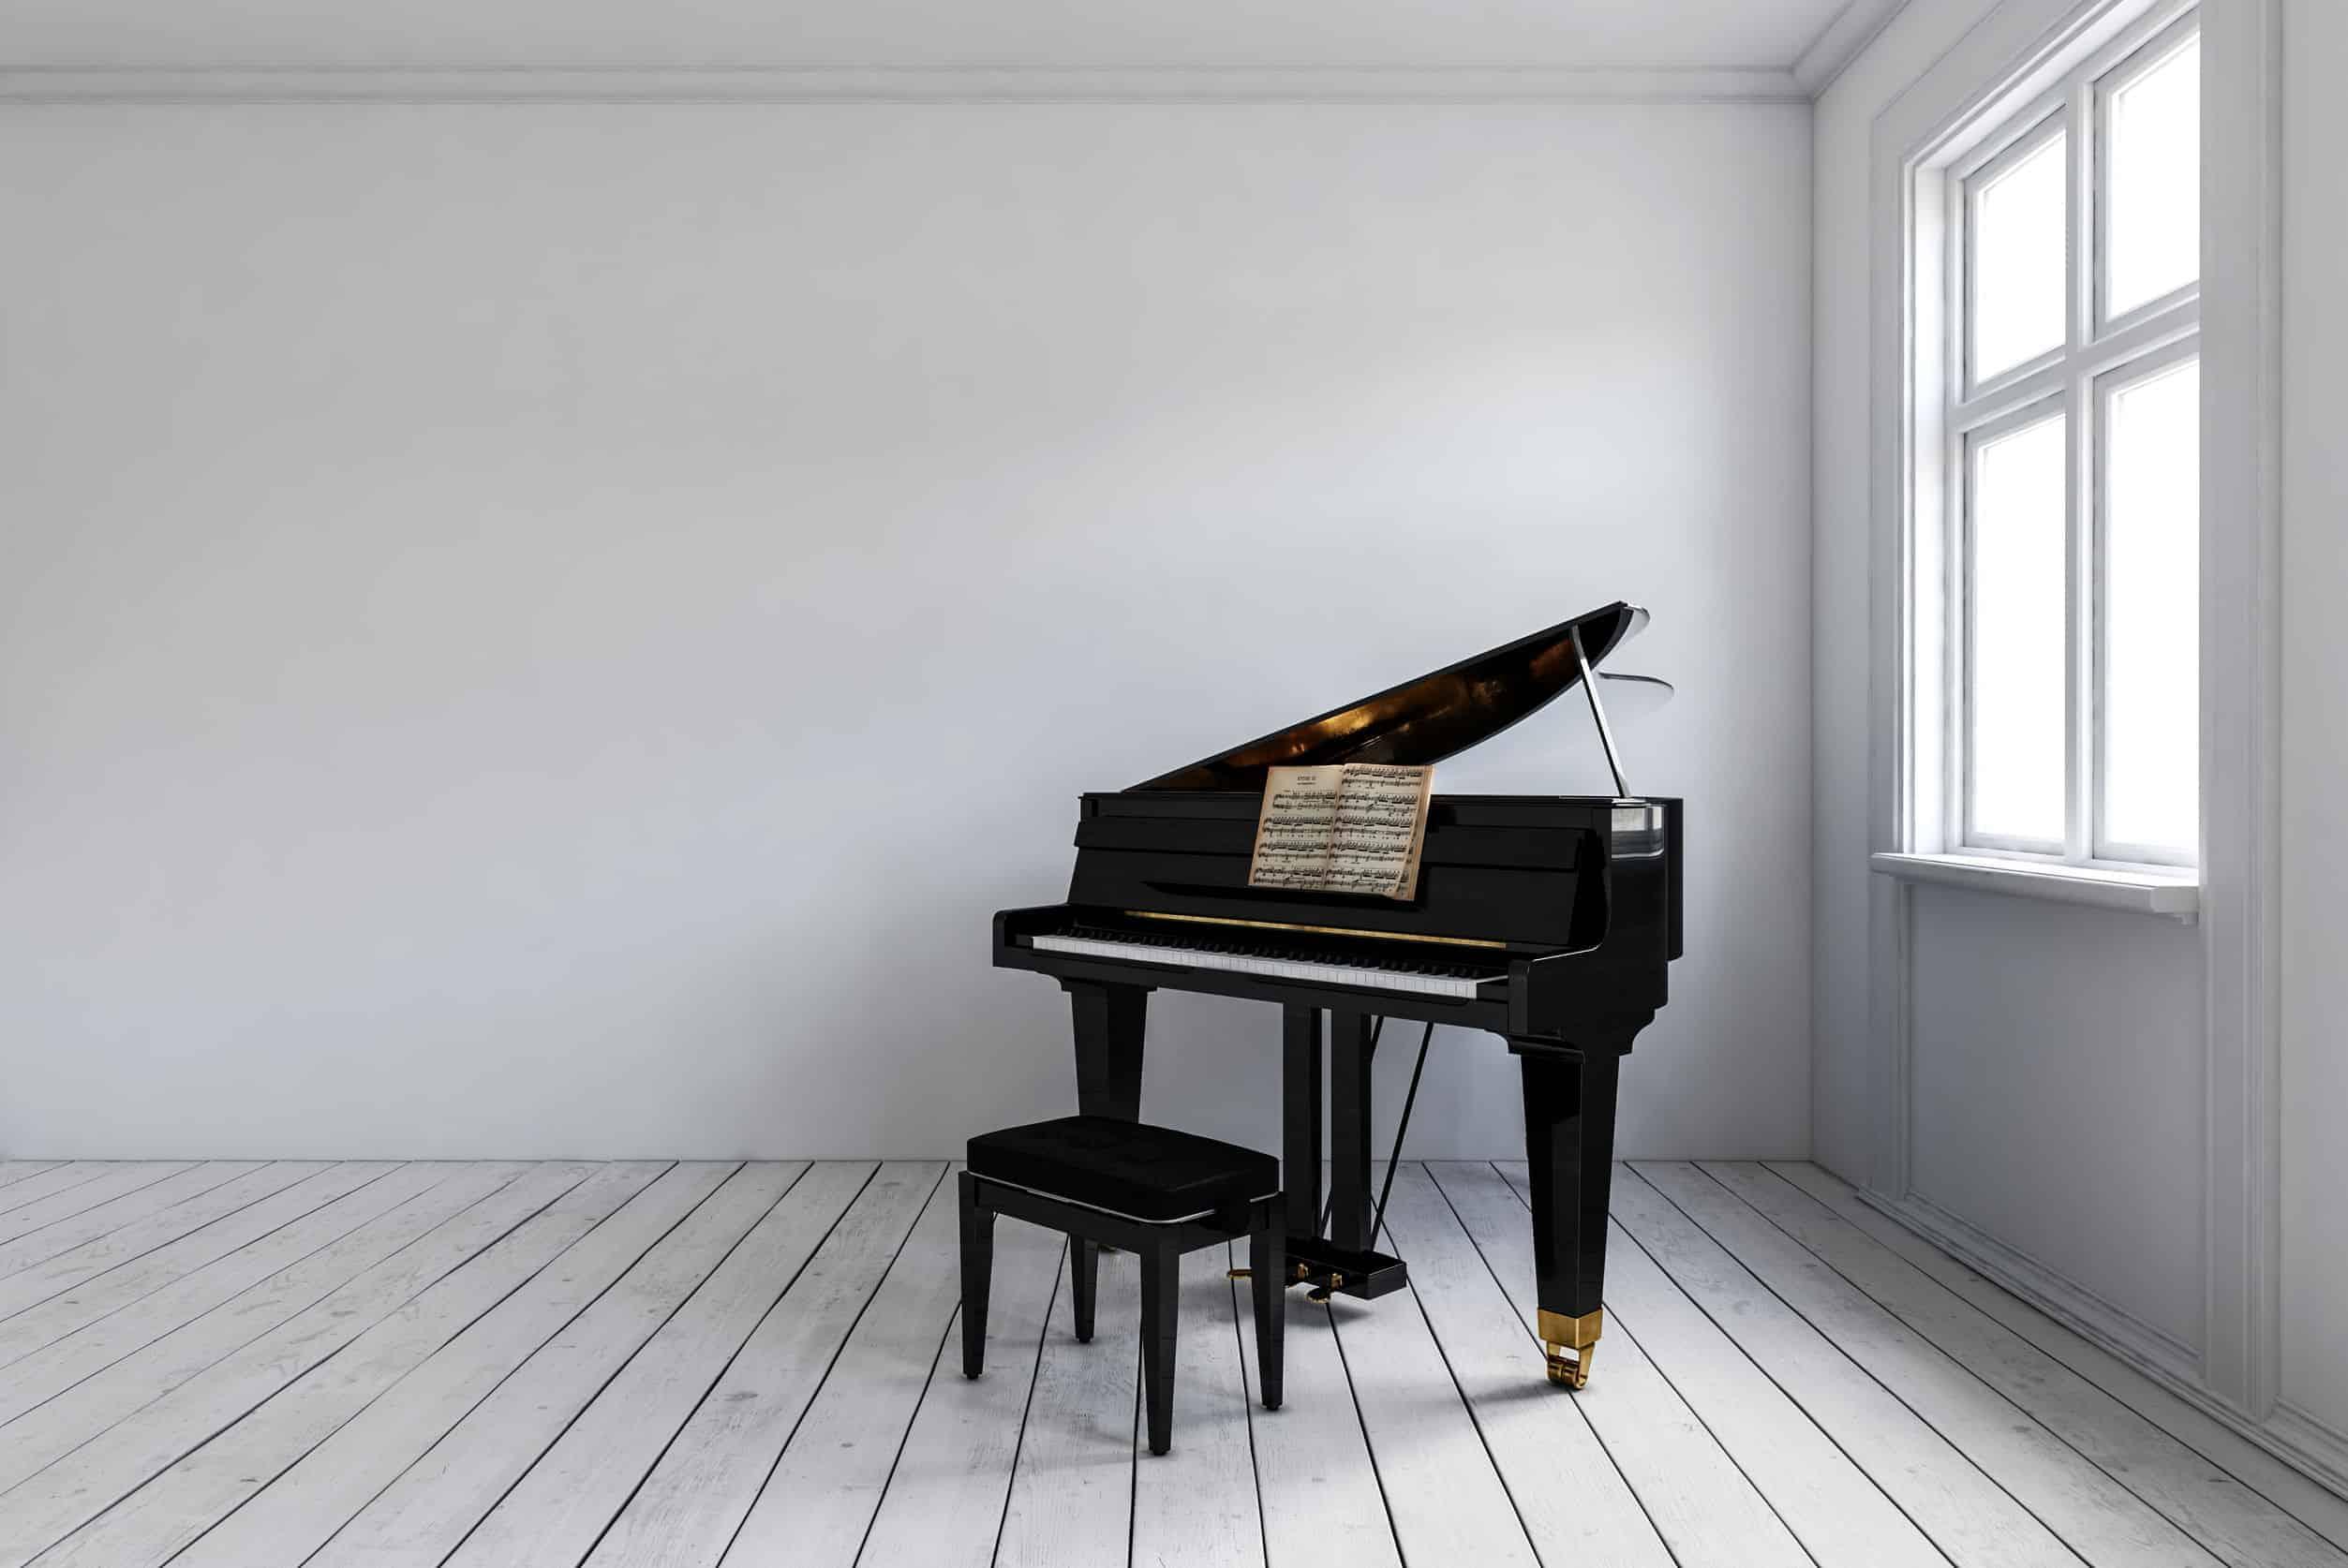 Klavierbank: Test & Empfehlungen (10/20)